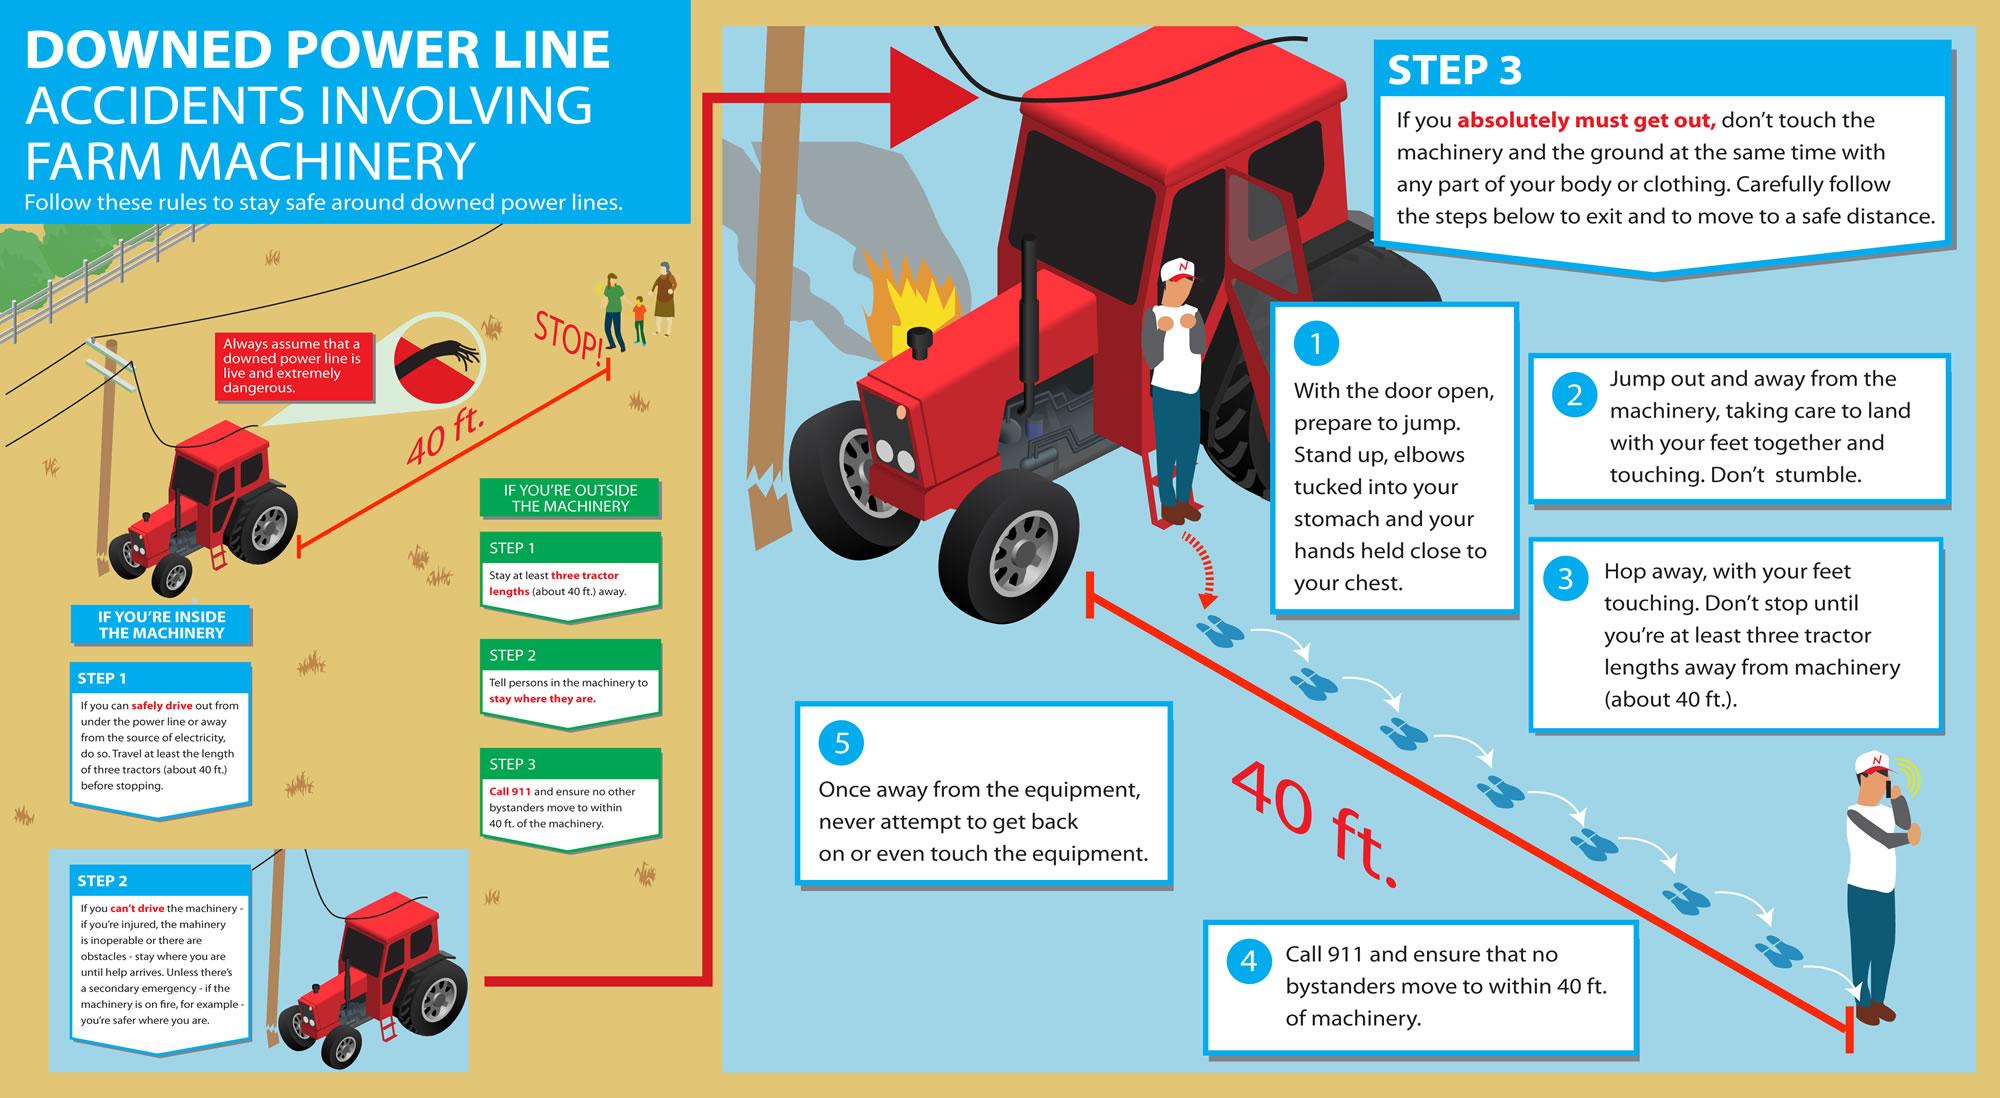 如果你遇到涉及农业机械的事故该怎么办